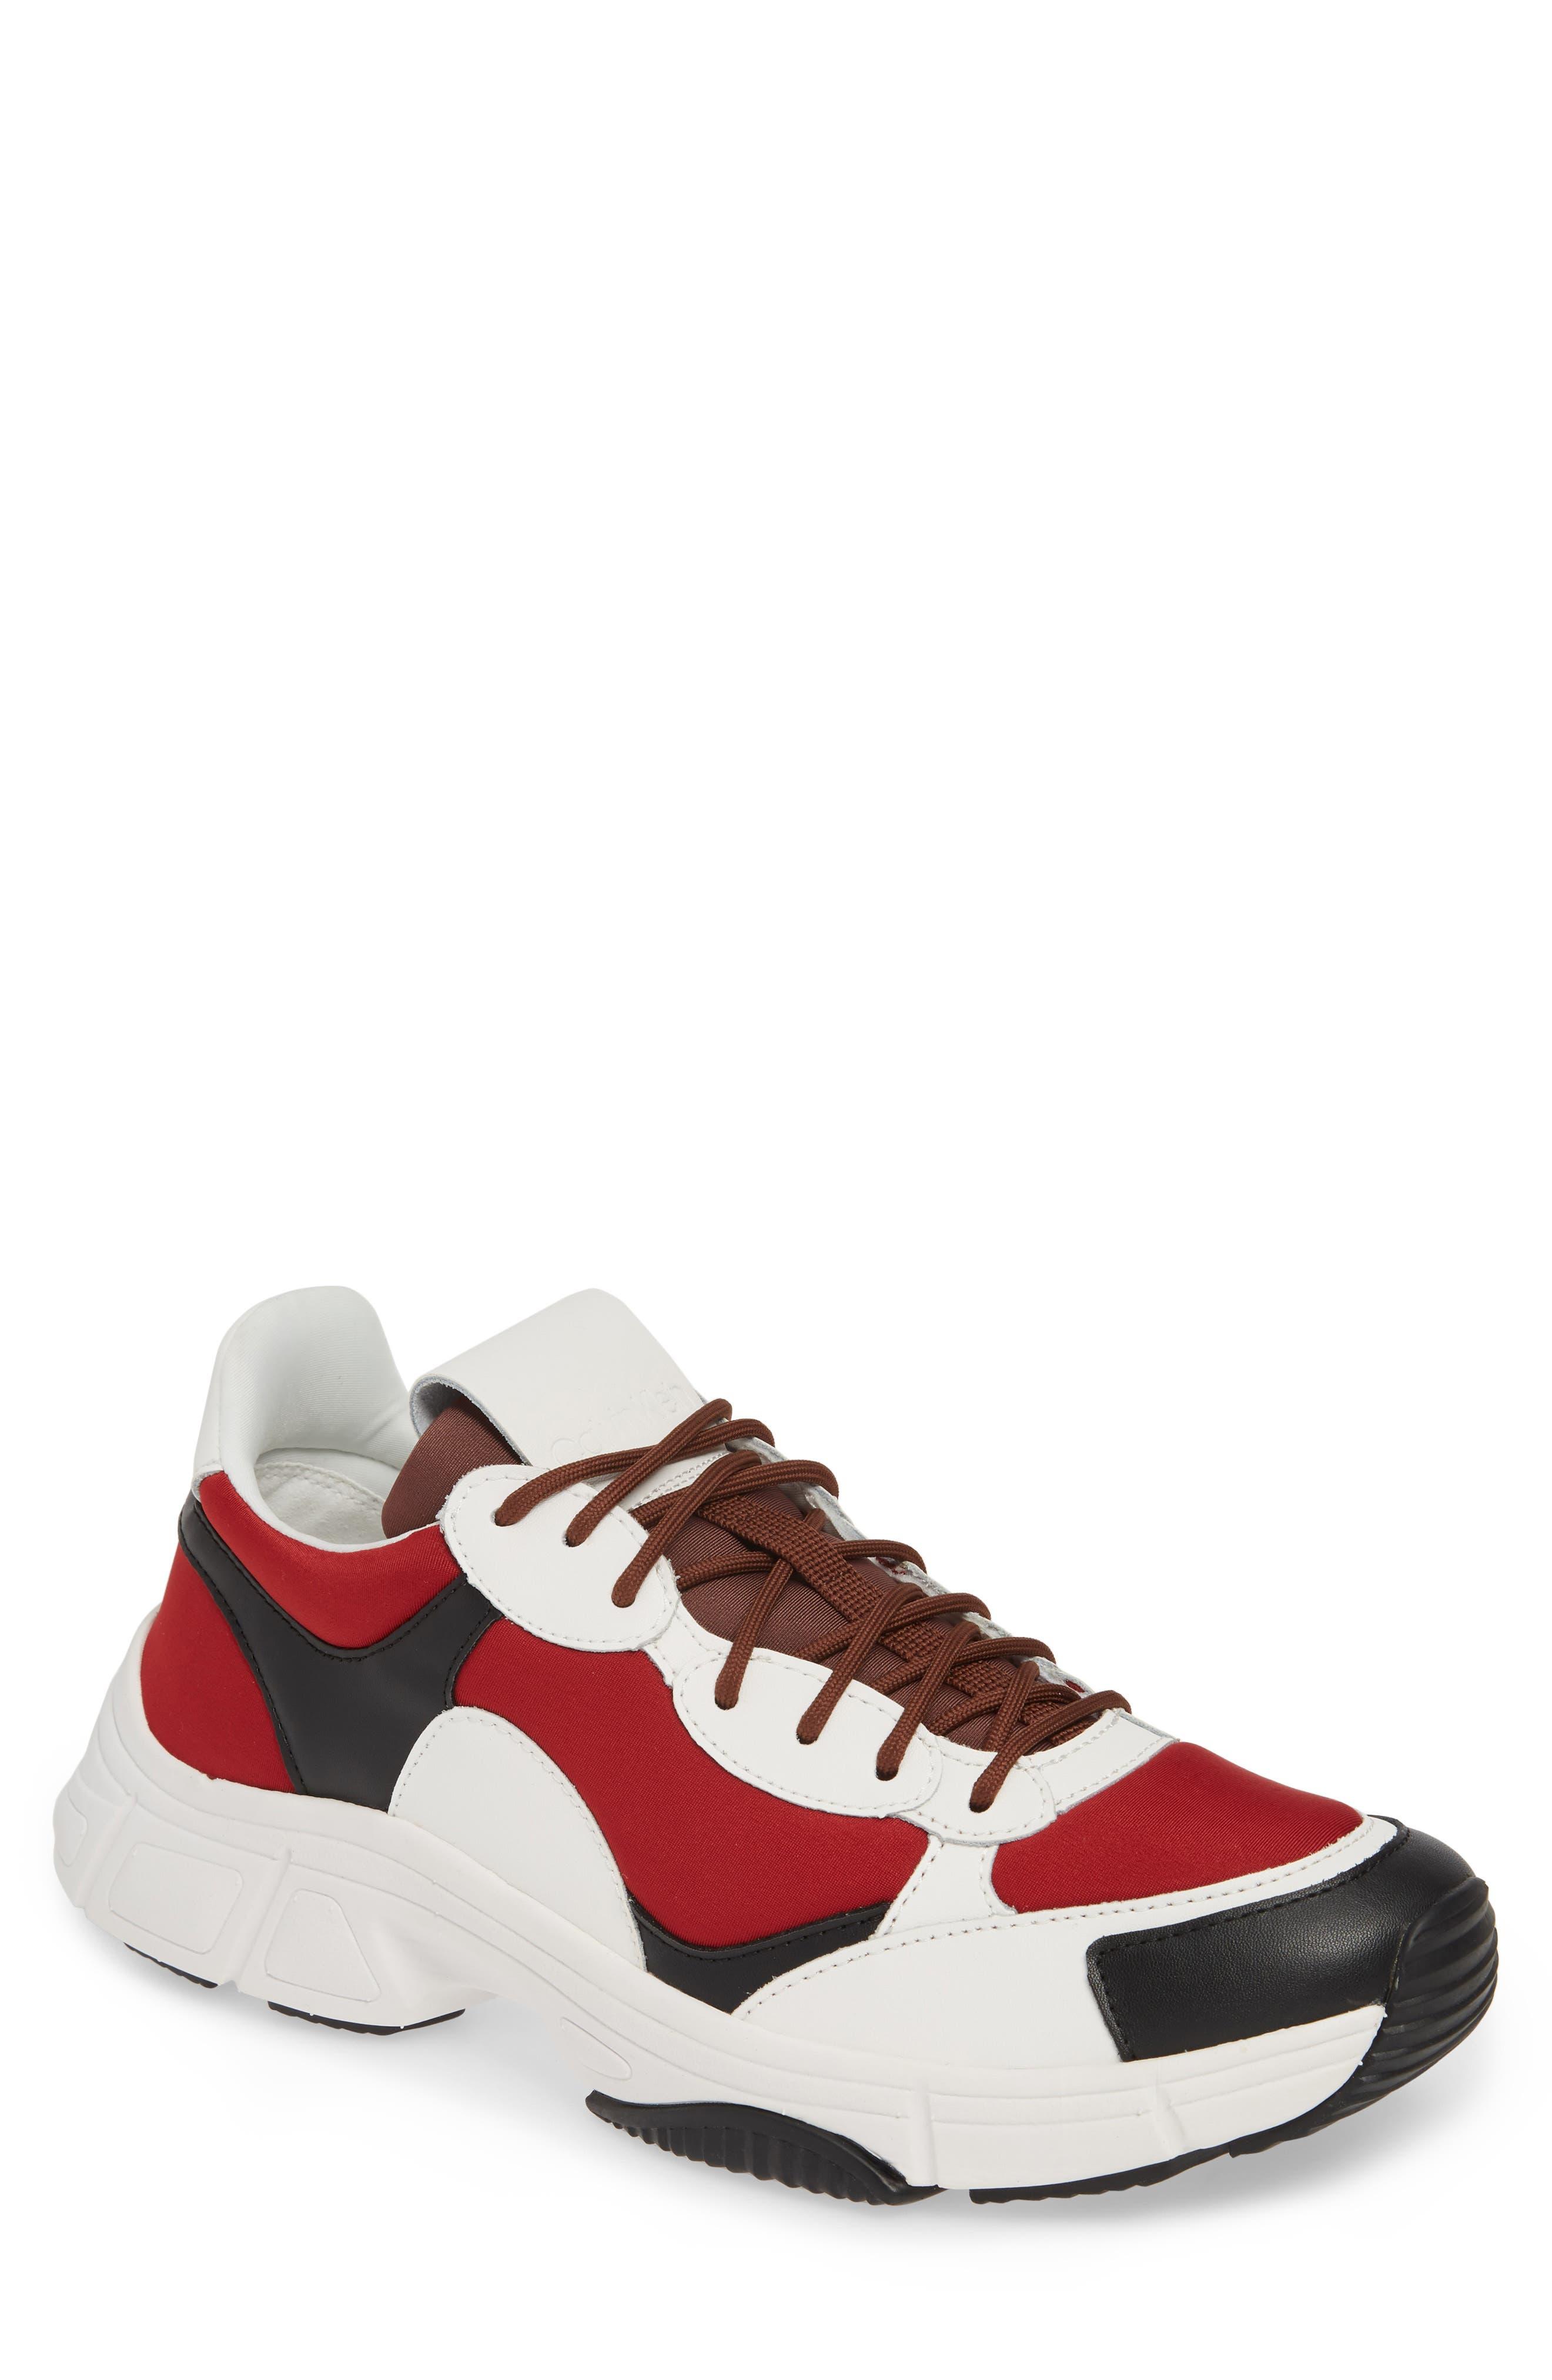 Calvin Klein Daxton Sneaker, Red